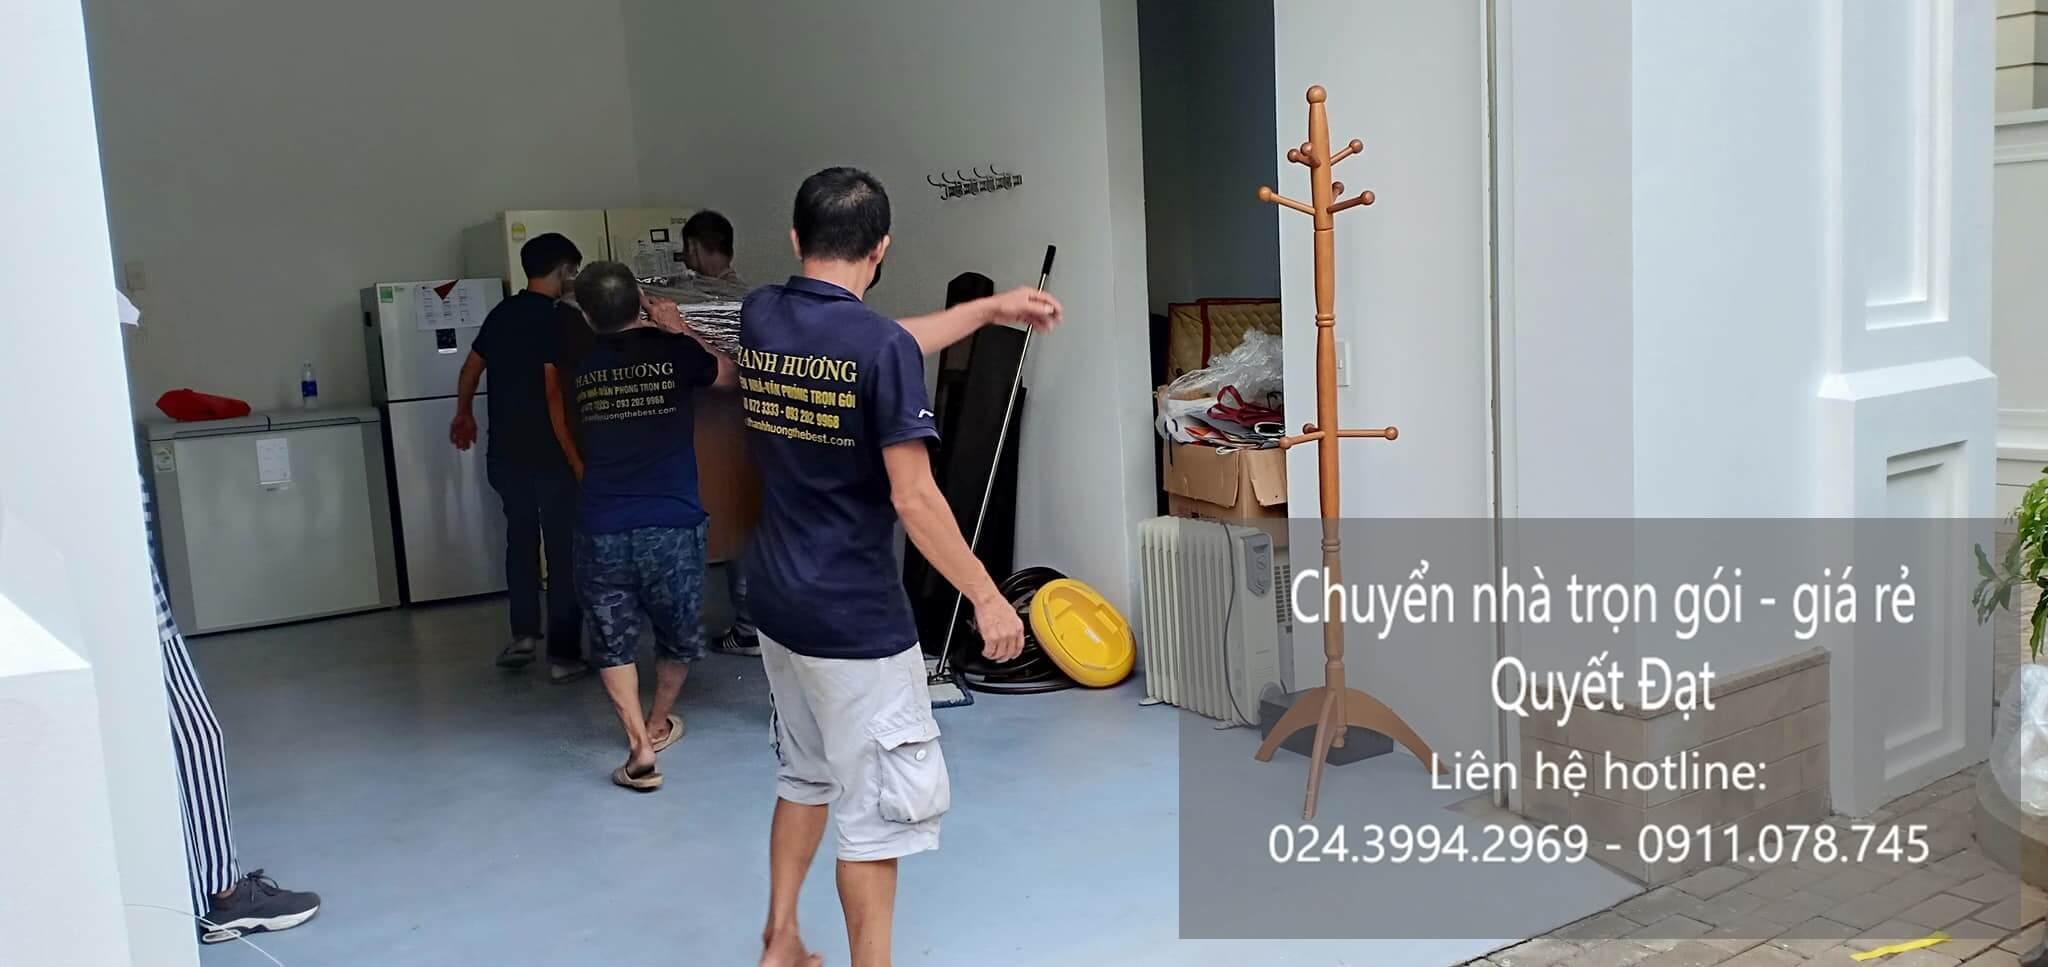 Dịch vụ chuyển nhà Quyết Đạt tại phố Đông Thái